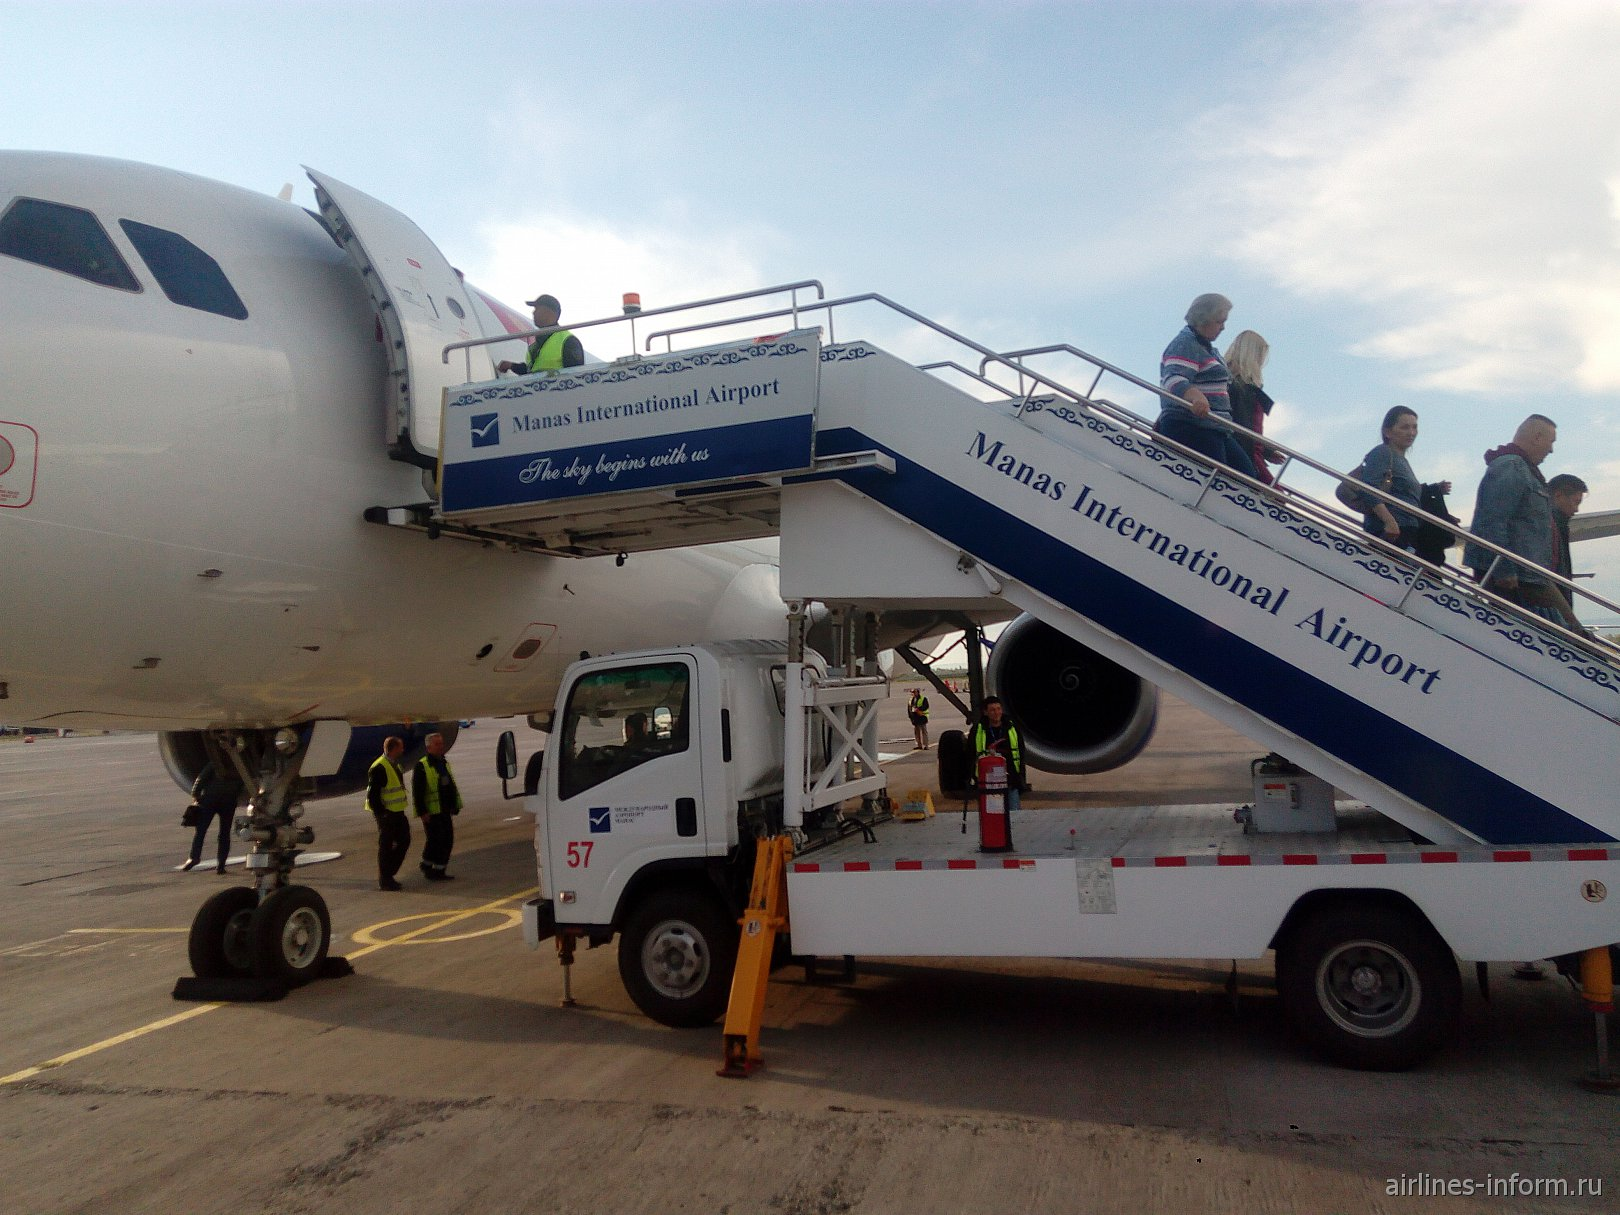 Москва - Бишкек с Авиа Траффиком, обратно с Уральскими авиалиниями. Чья маршрутка лучше?